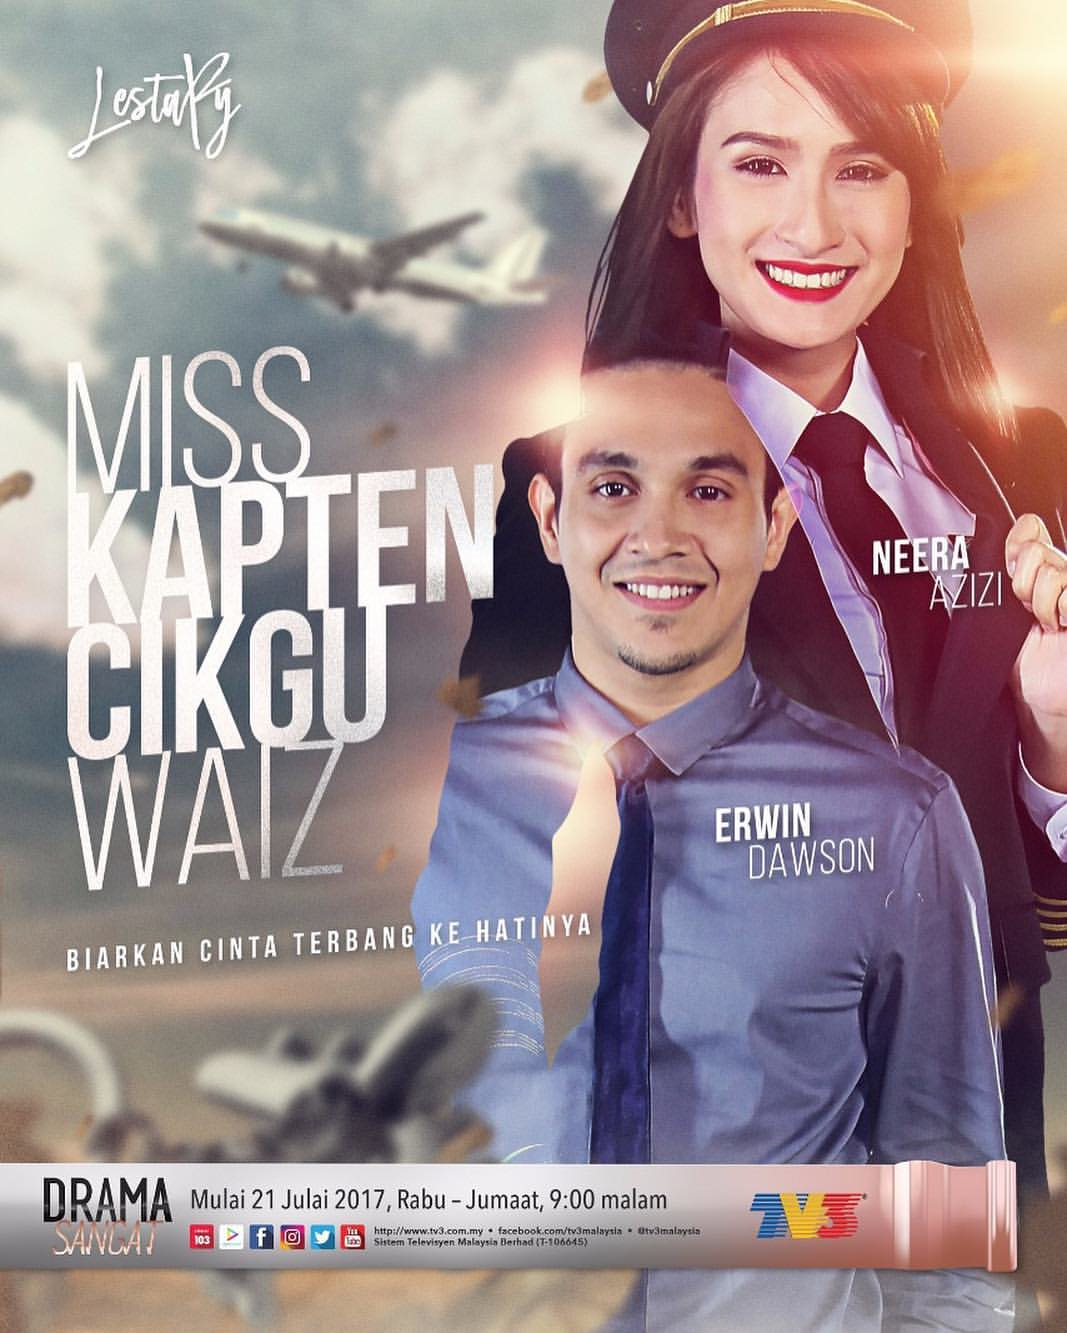 Miss Kapten Cikgu Waiz